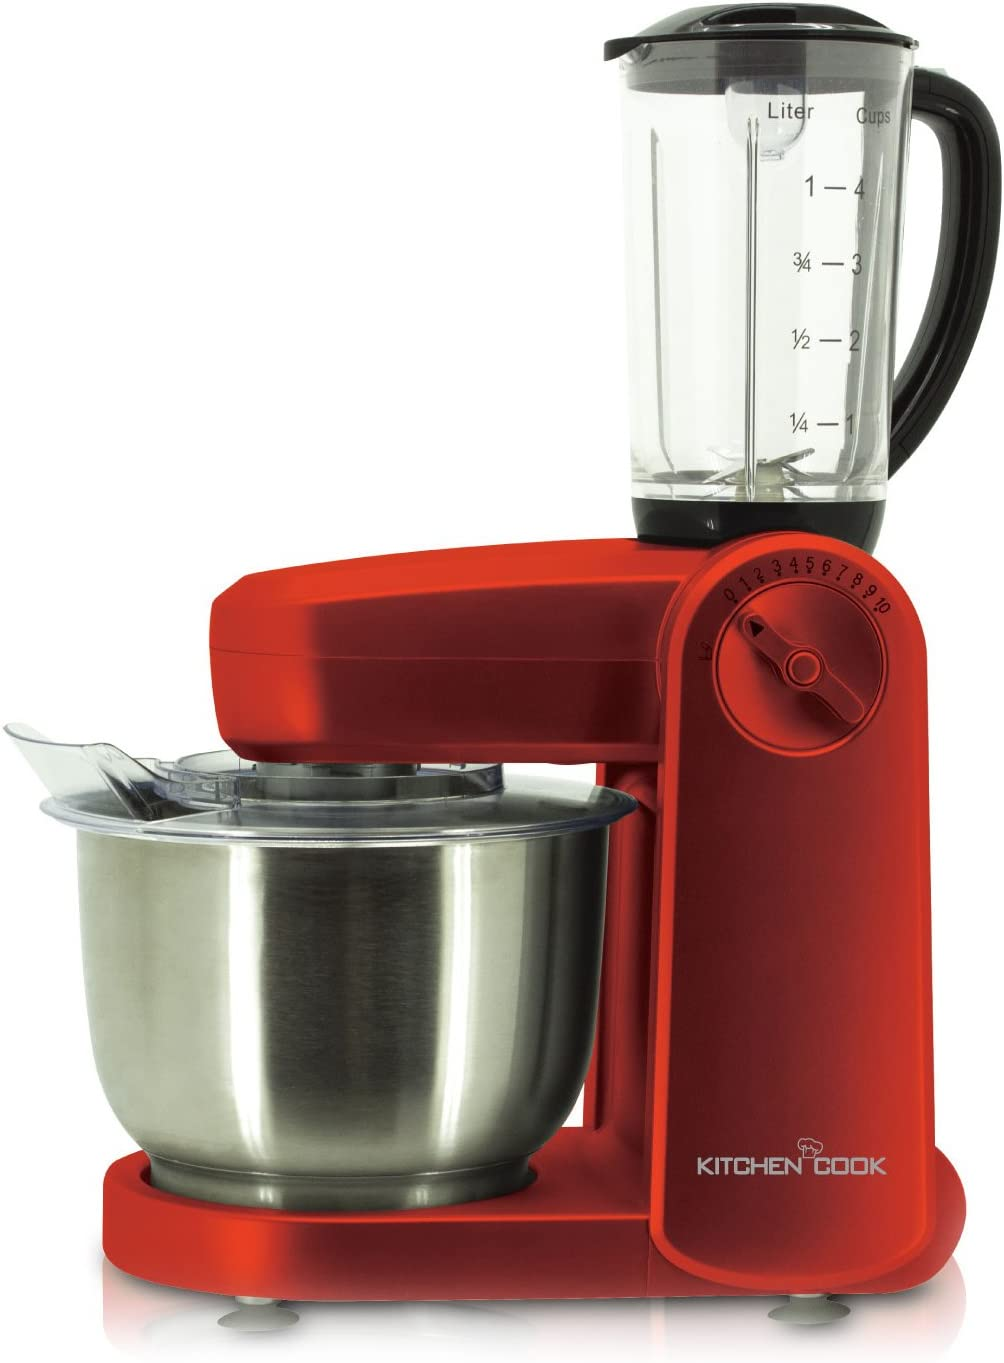 KitchenCook MIXMASTER V2 SIL - Robot de cocina (multifunción): Amazon.es: Hogar